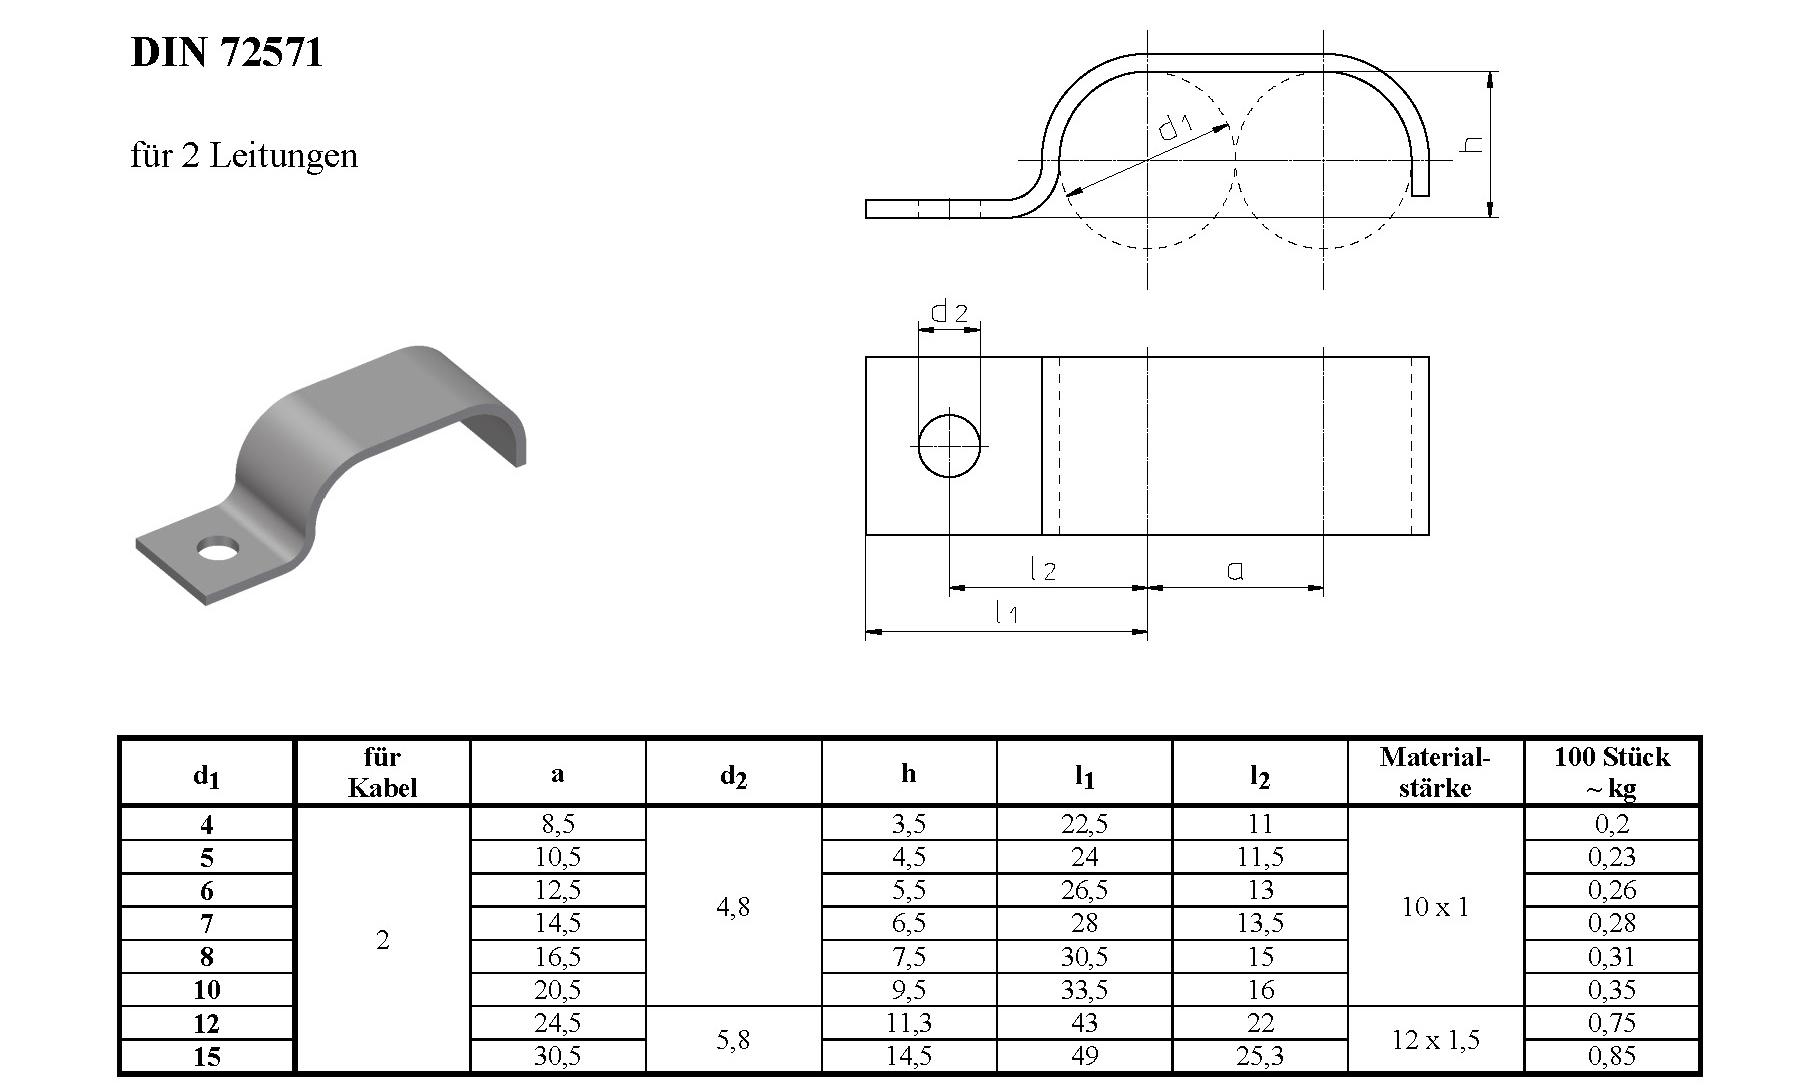 72571-2-Leitungen-Datenblatt